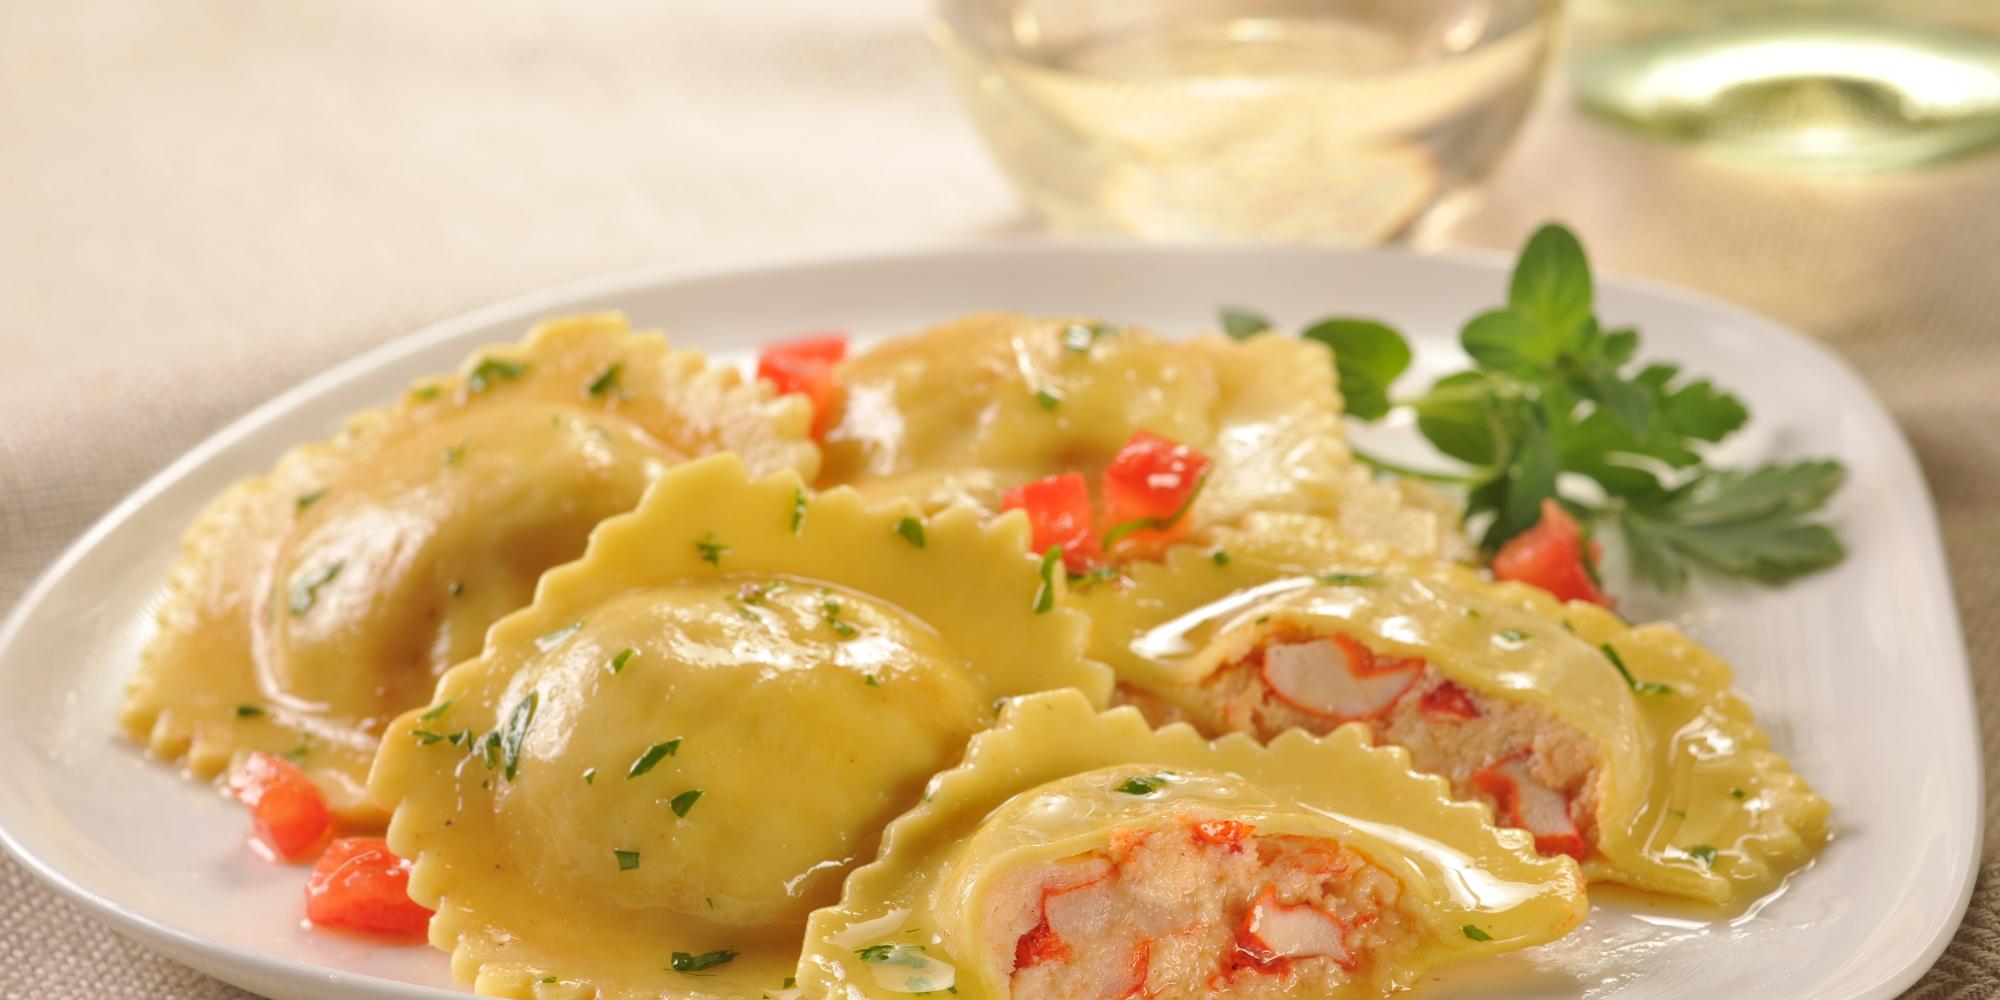 Lobster-Ravioli-NJP_Lbstr_Rav3-2000x1000